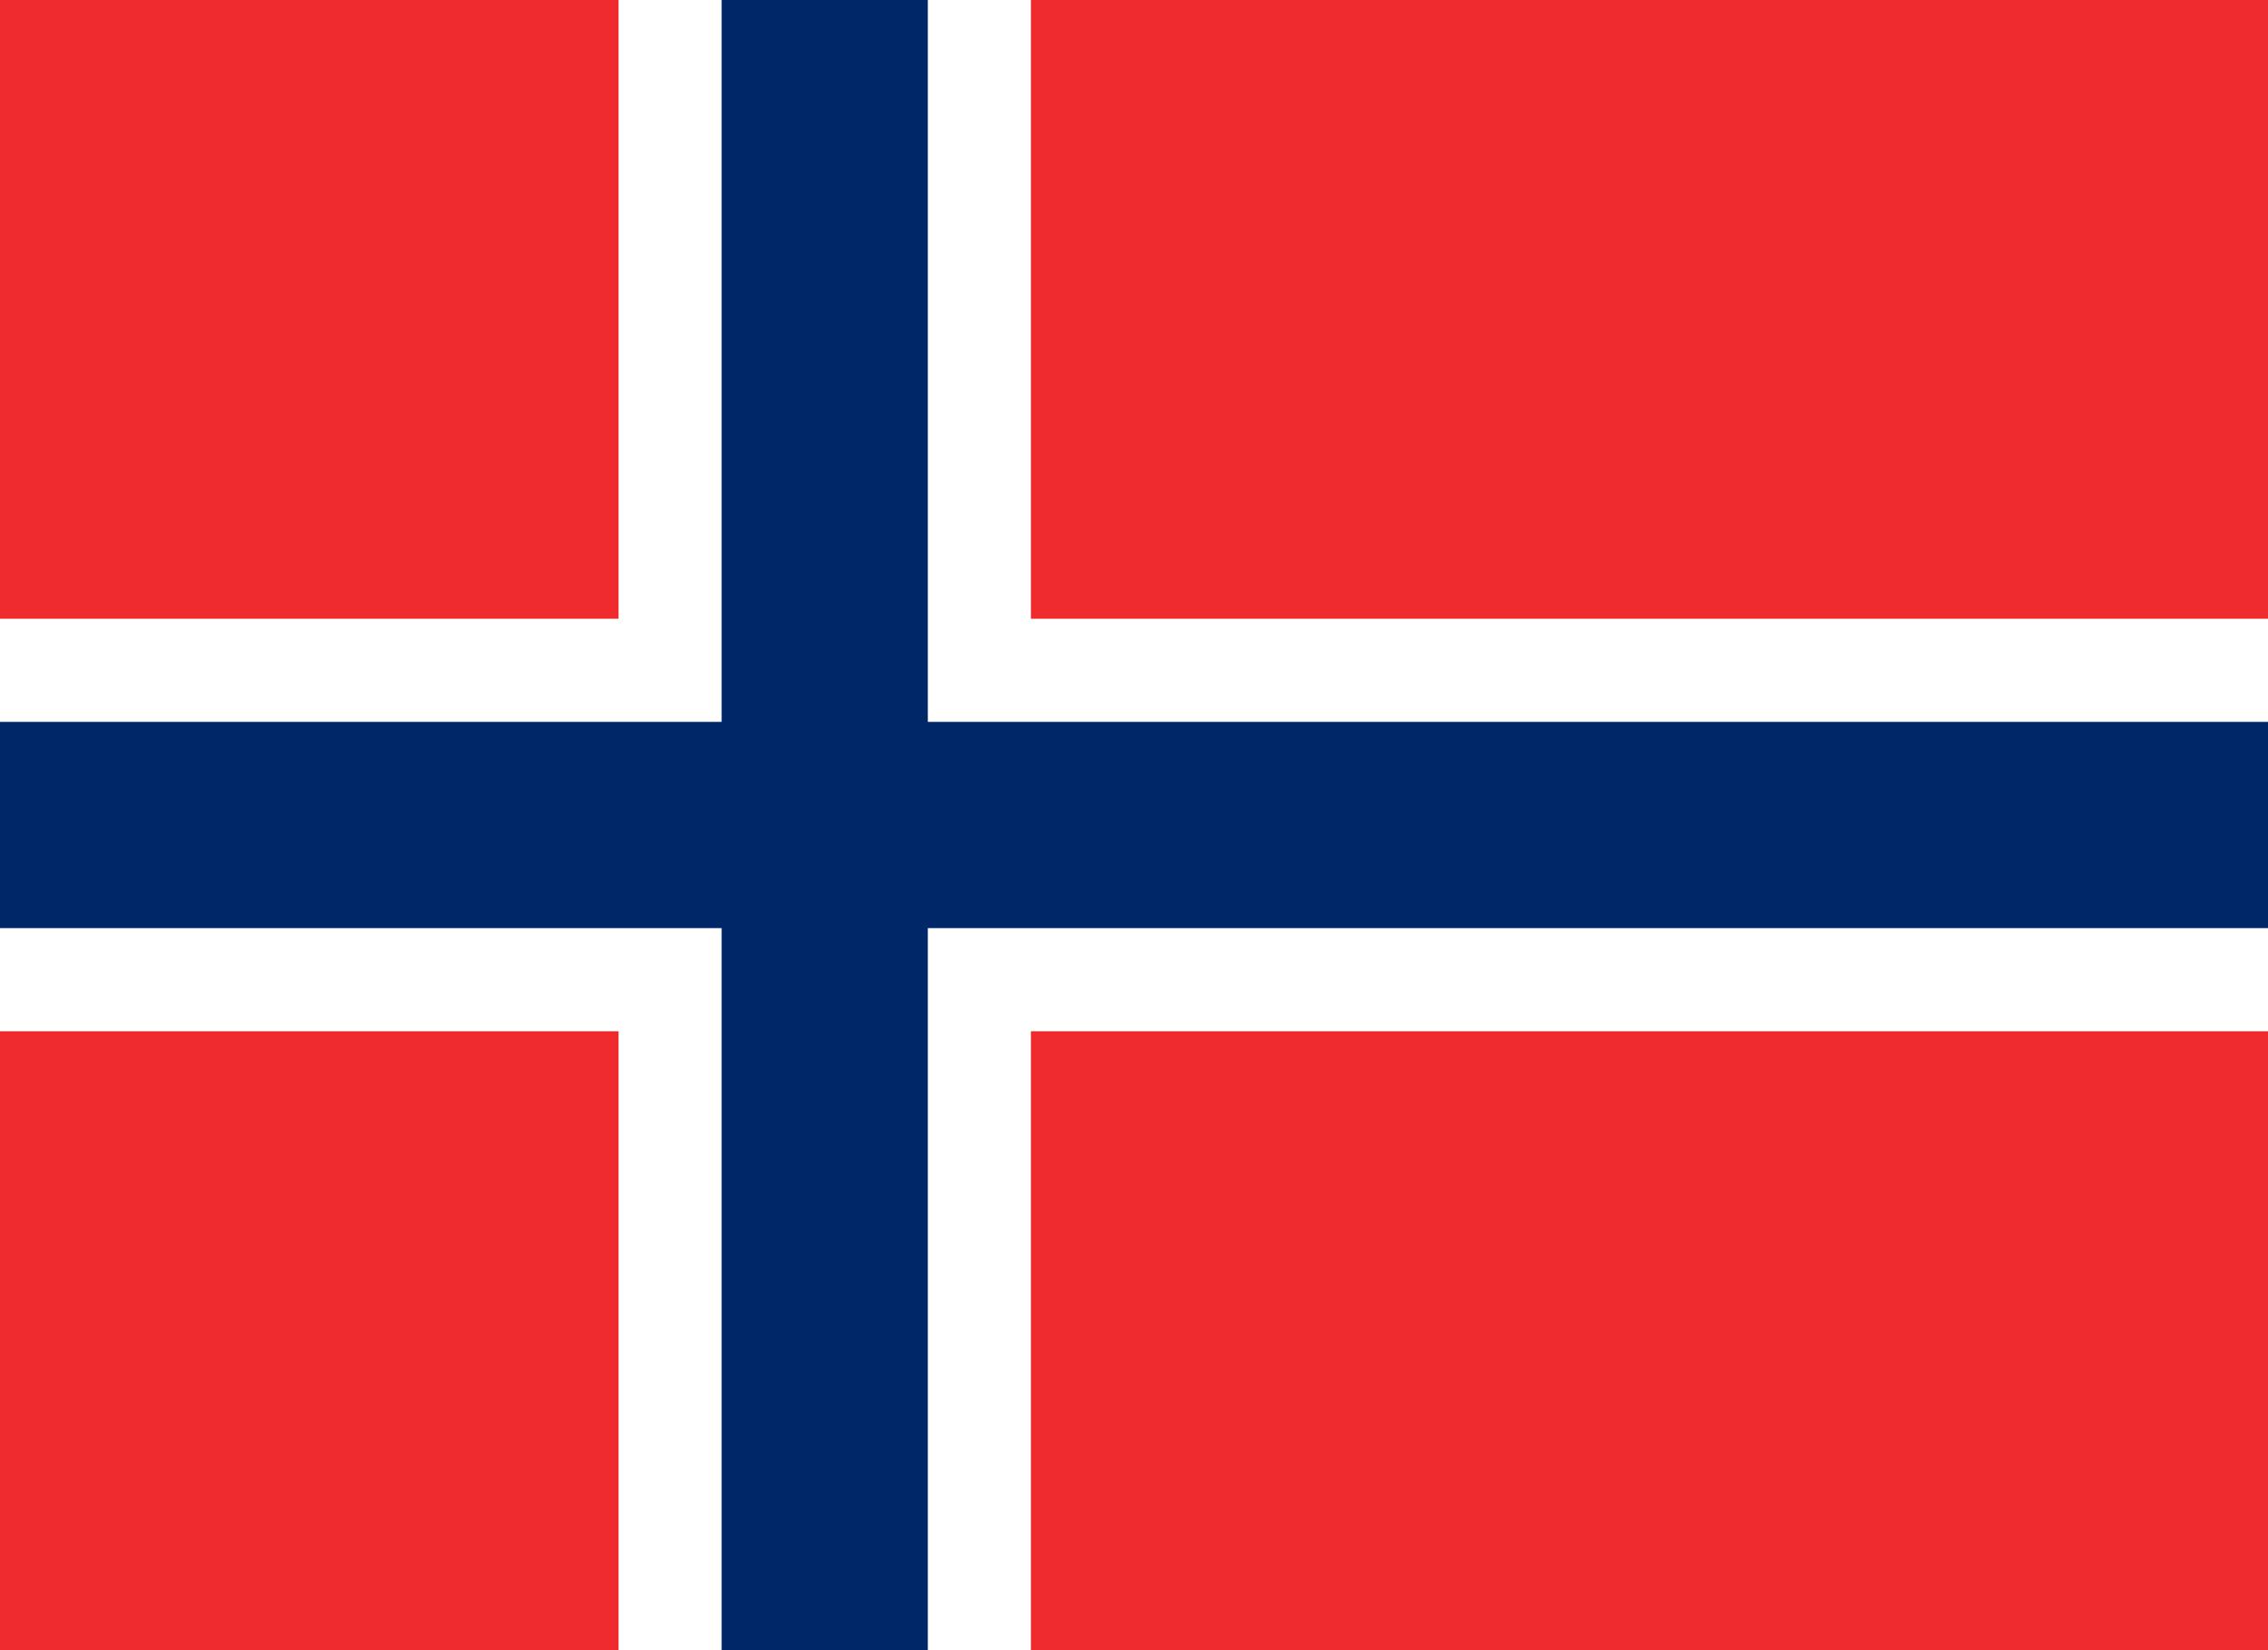 ノルウェー王国で提出する文書のアポスティーユ申請の代行